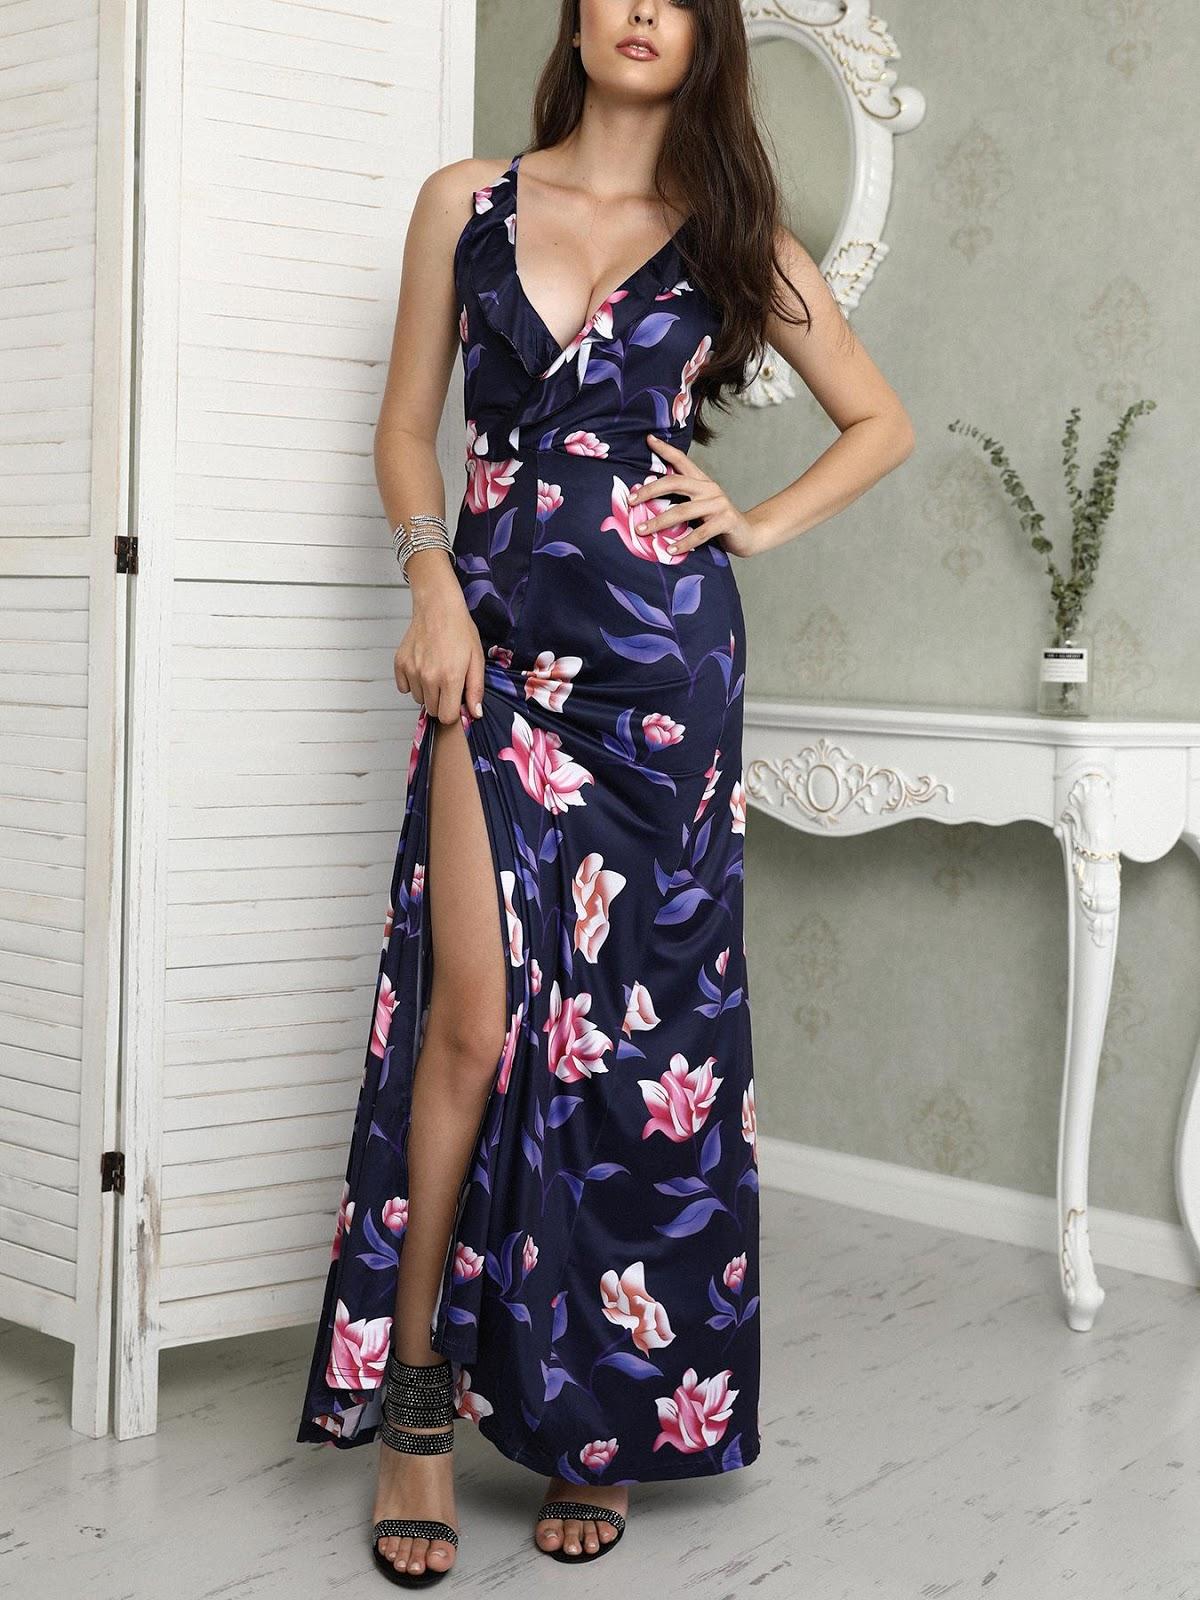 Floral Ruffle Deep V Caged Back Slit Maxi Dress